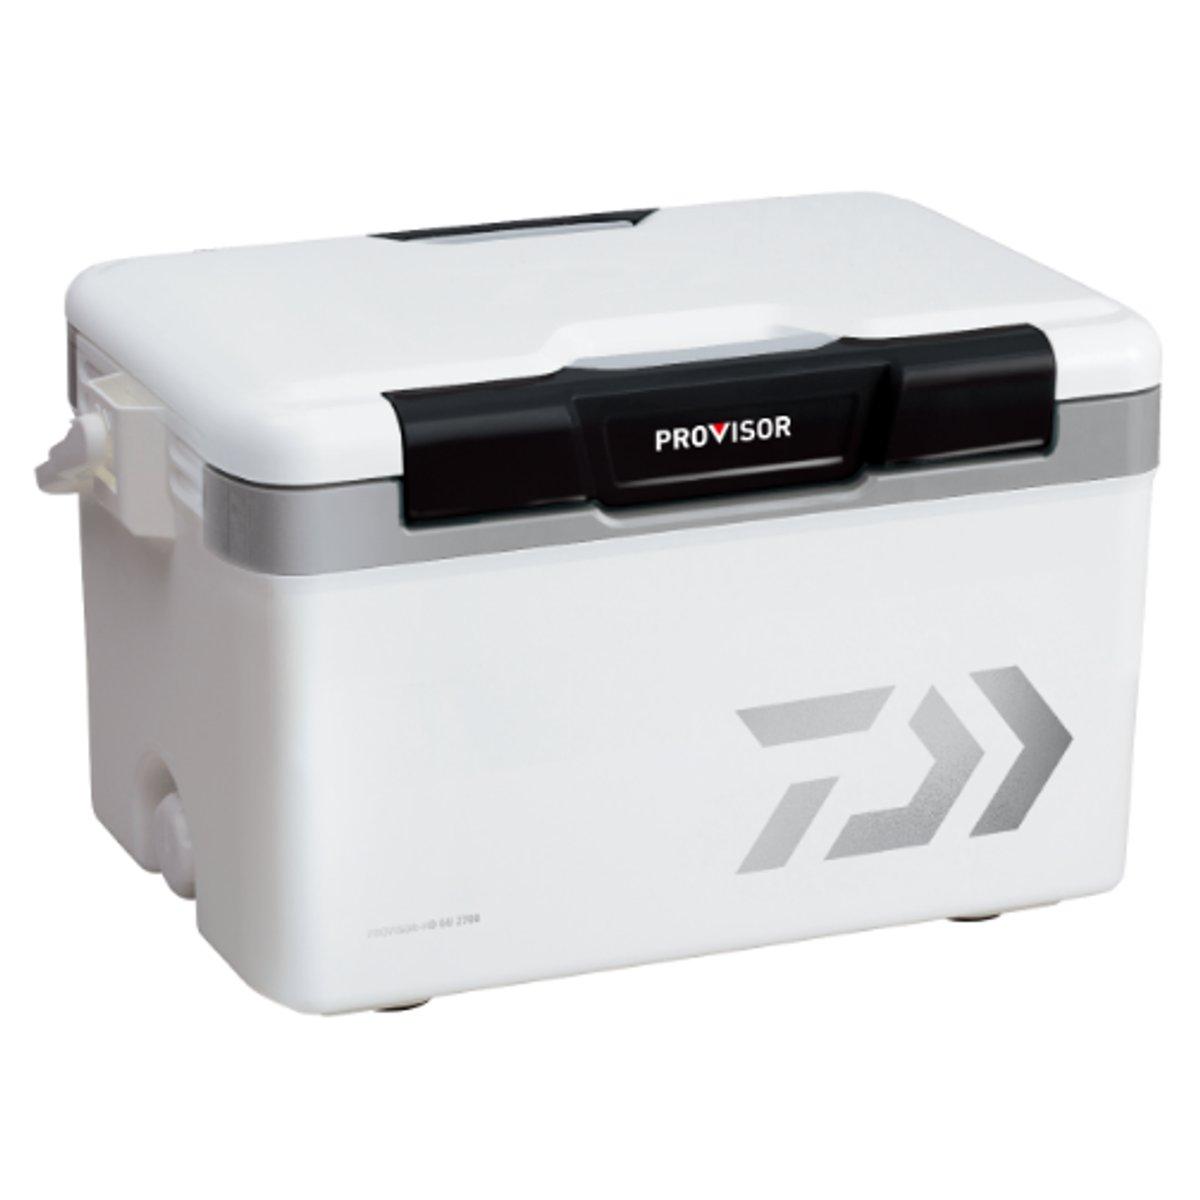 ダイワ プロバイザー HD GU 2700 ブラック クーラーボックス【送料無料】